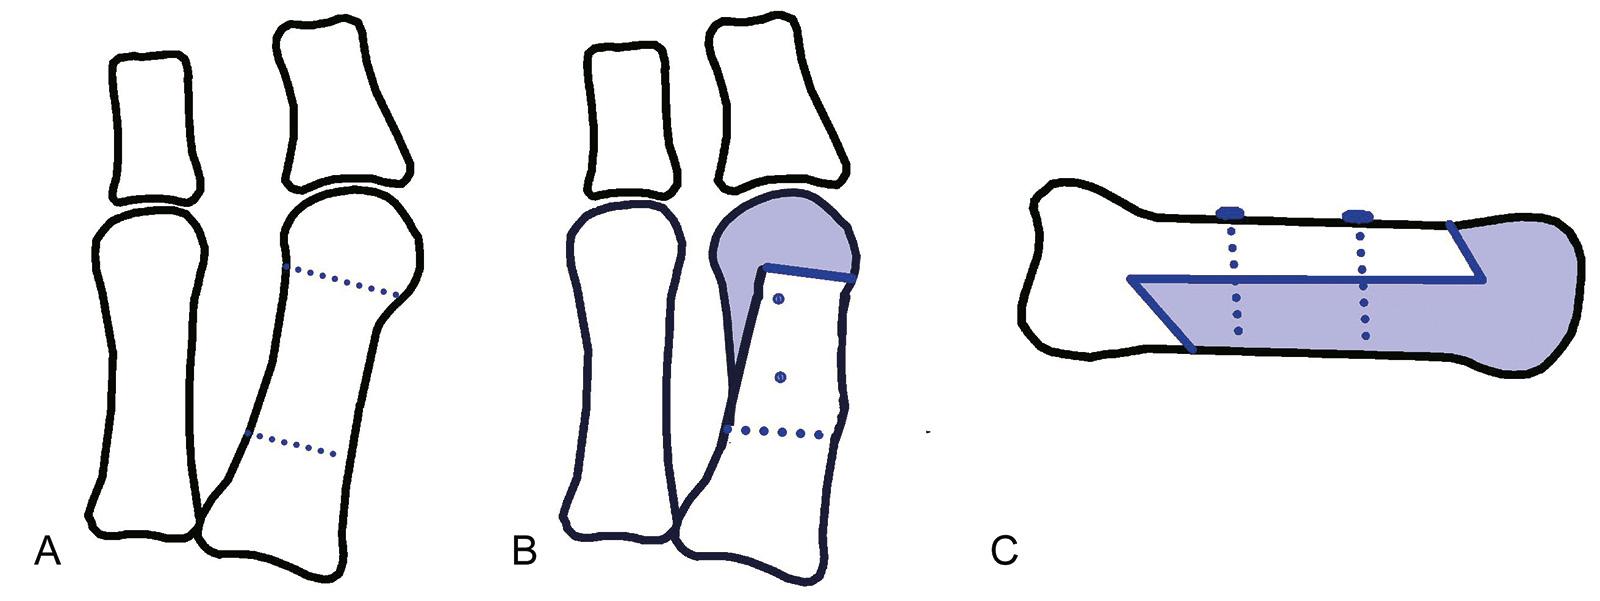 Abb. 6-12: Scarf-Osteotomie: vor (A) und nach Operation (B,C)